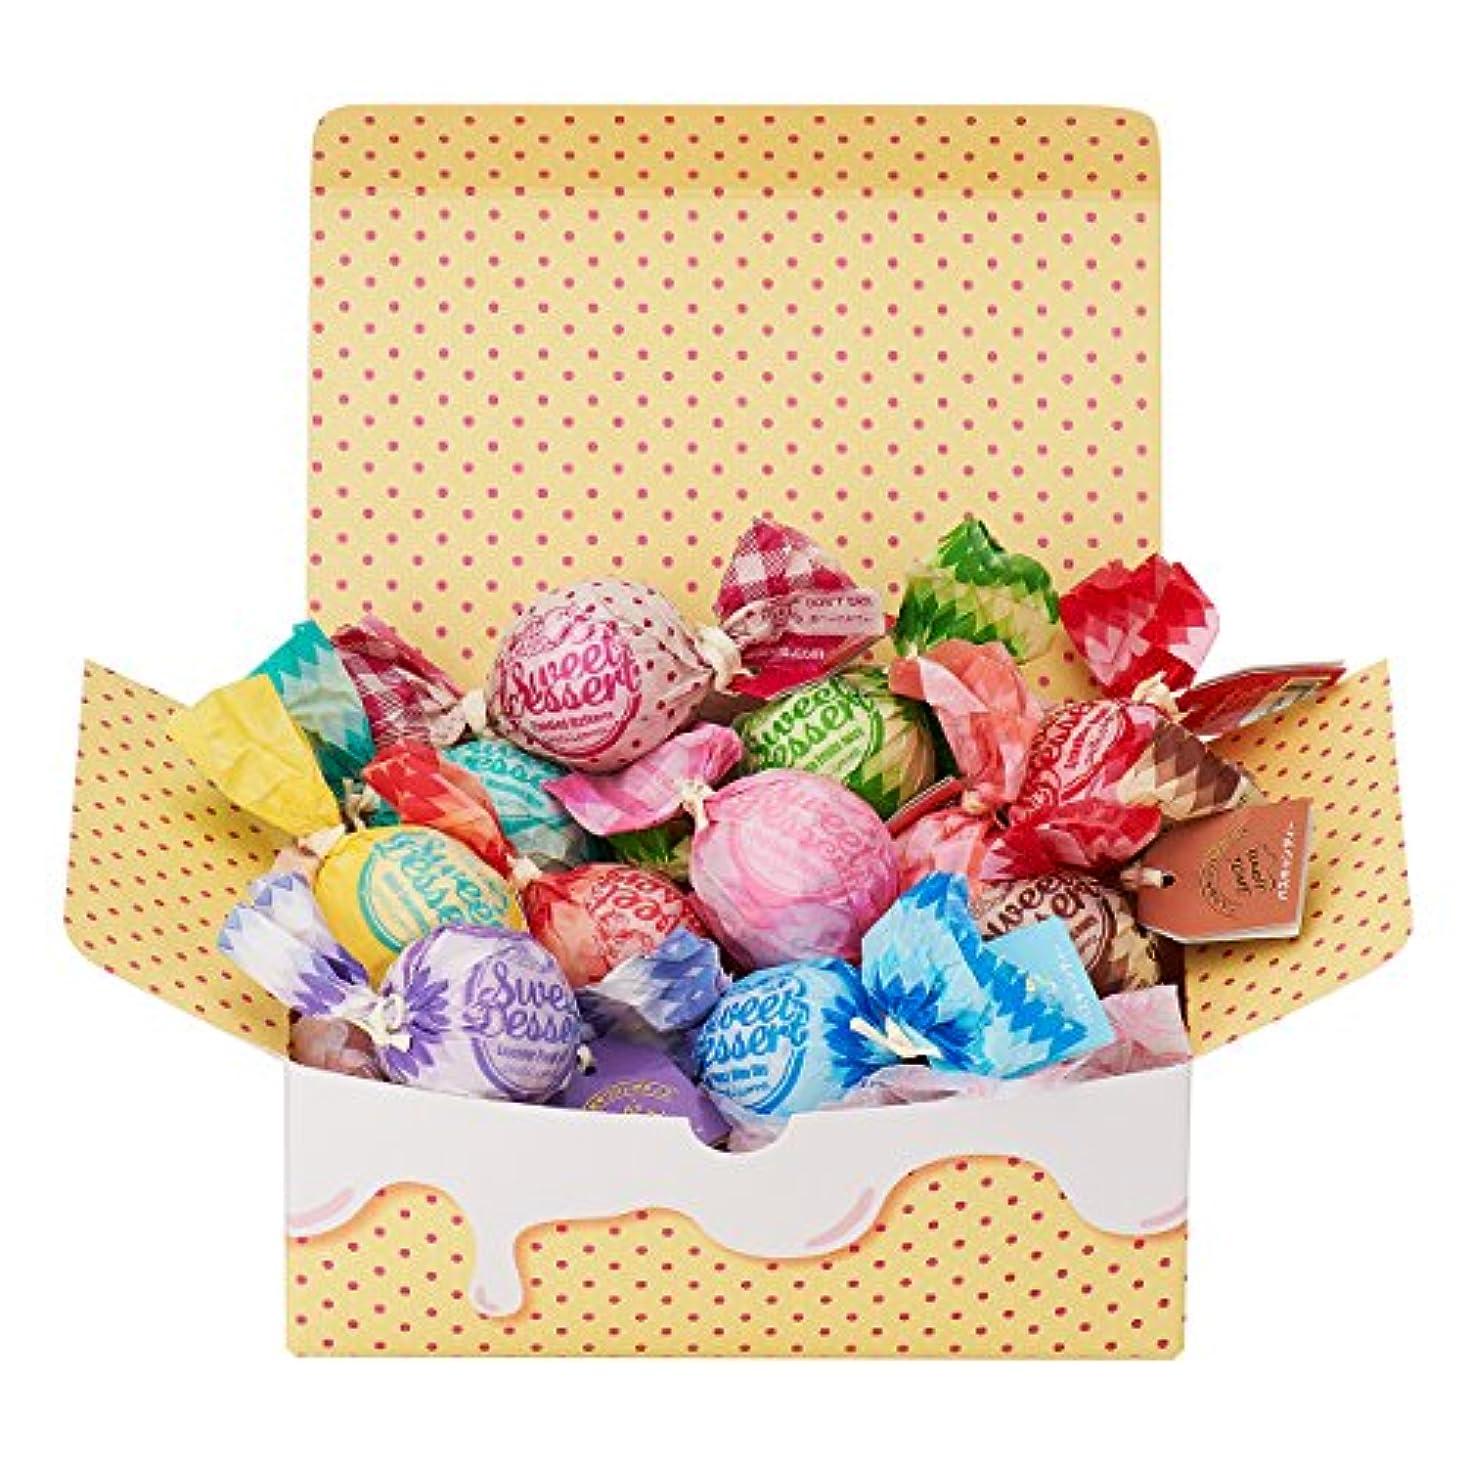 グラディス日没皮肉なアマイワナ 11粒のしあわせ(箱入りバスギフト キャンディー型入浴料×11個)